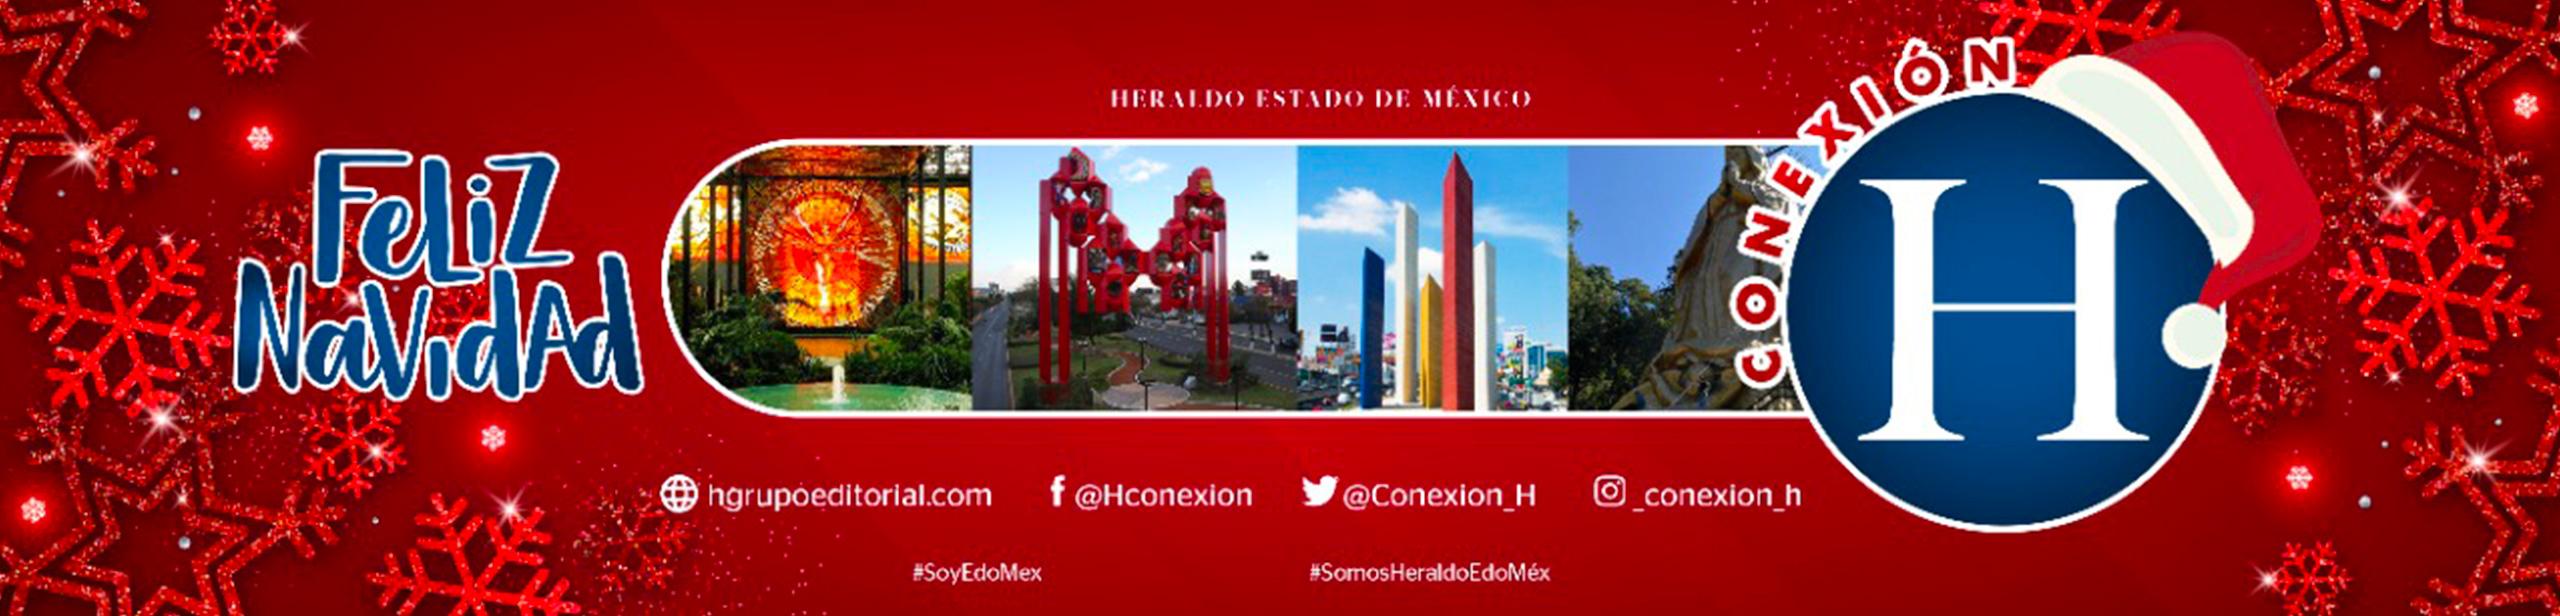 Heraldo del Estado de México